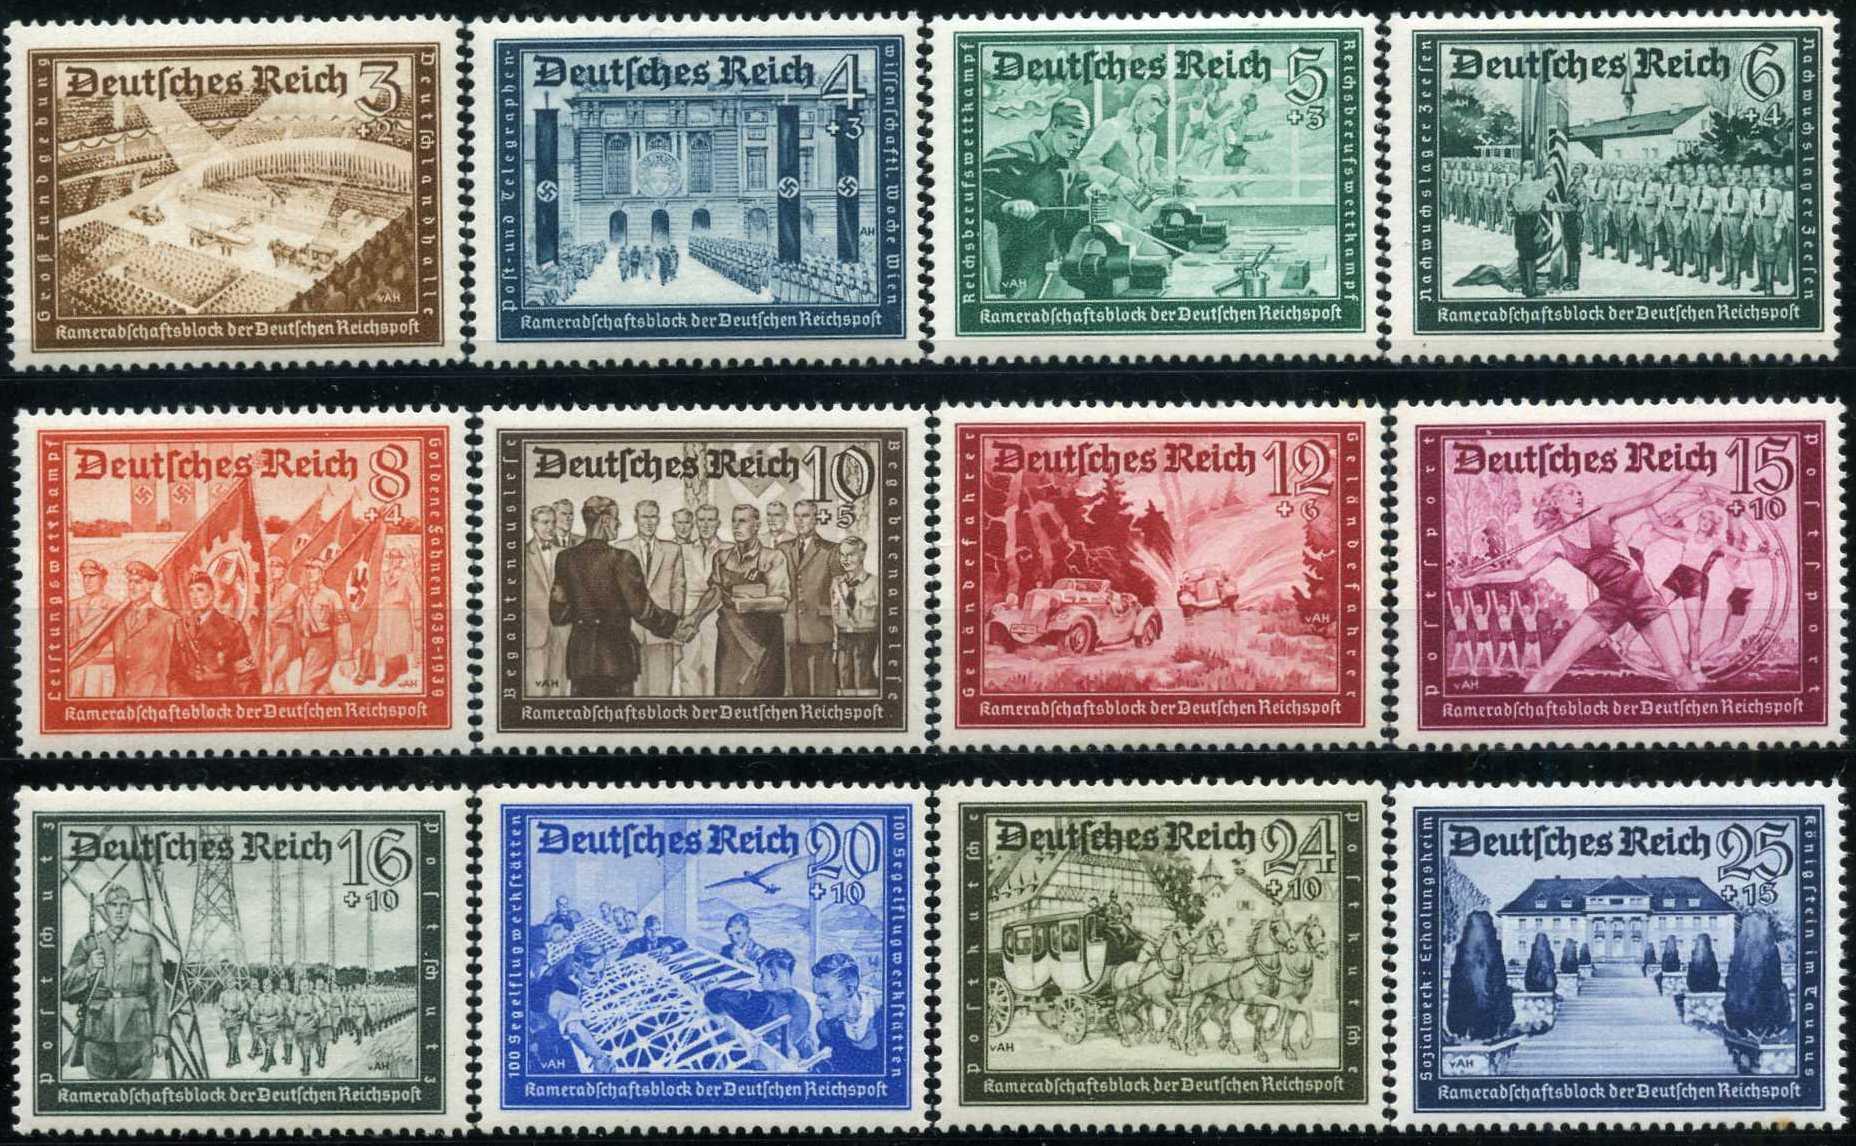 Сколько марок нужно на открытку в германию 90